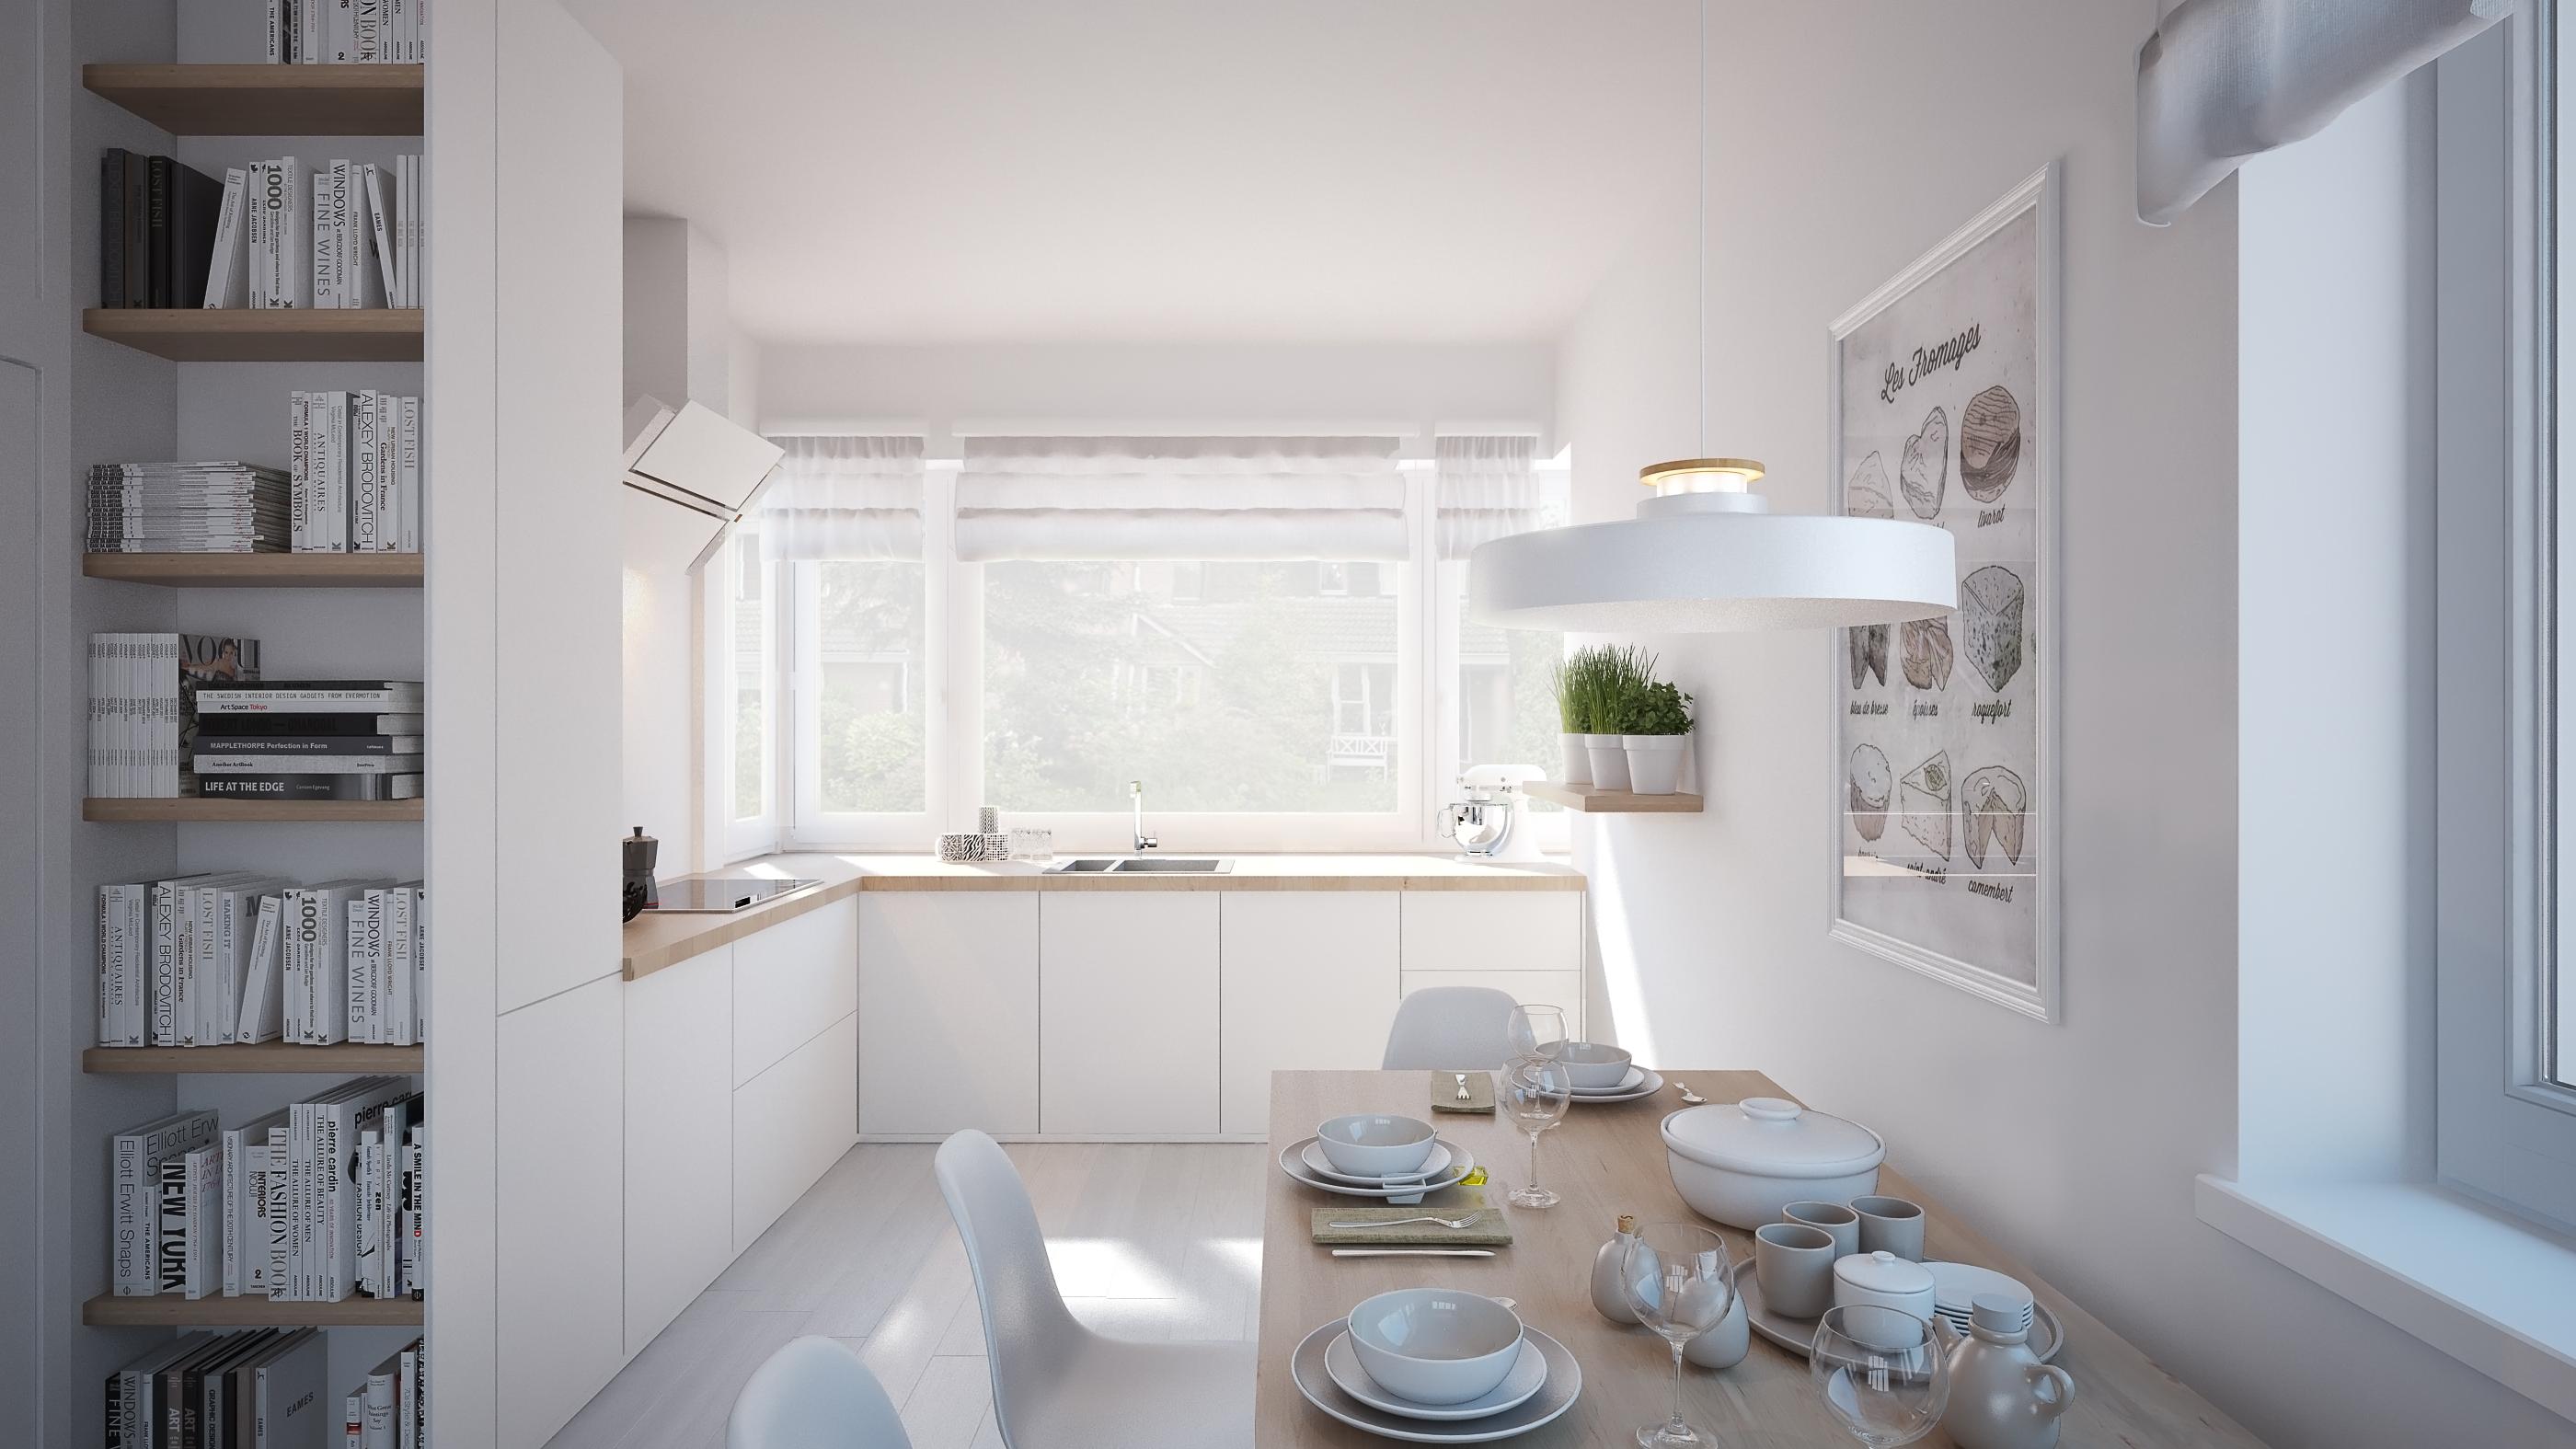 Wizualizacja mieszkanie developerskie Utrecht kuchnia